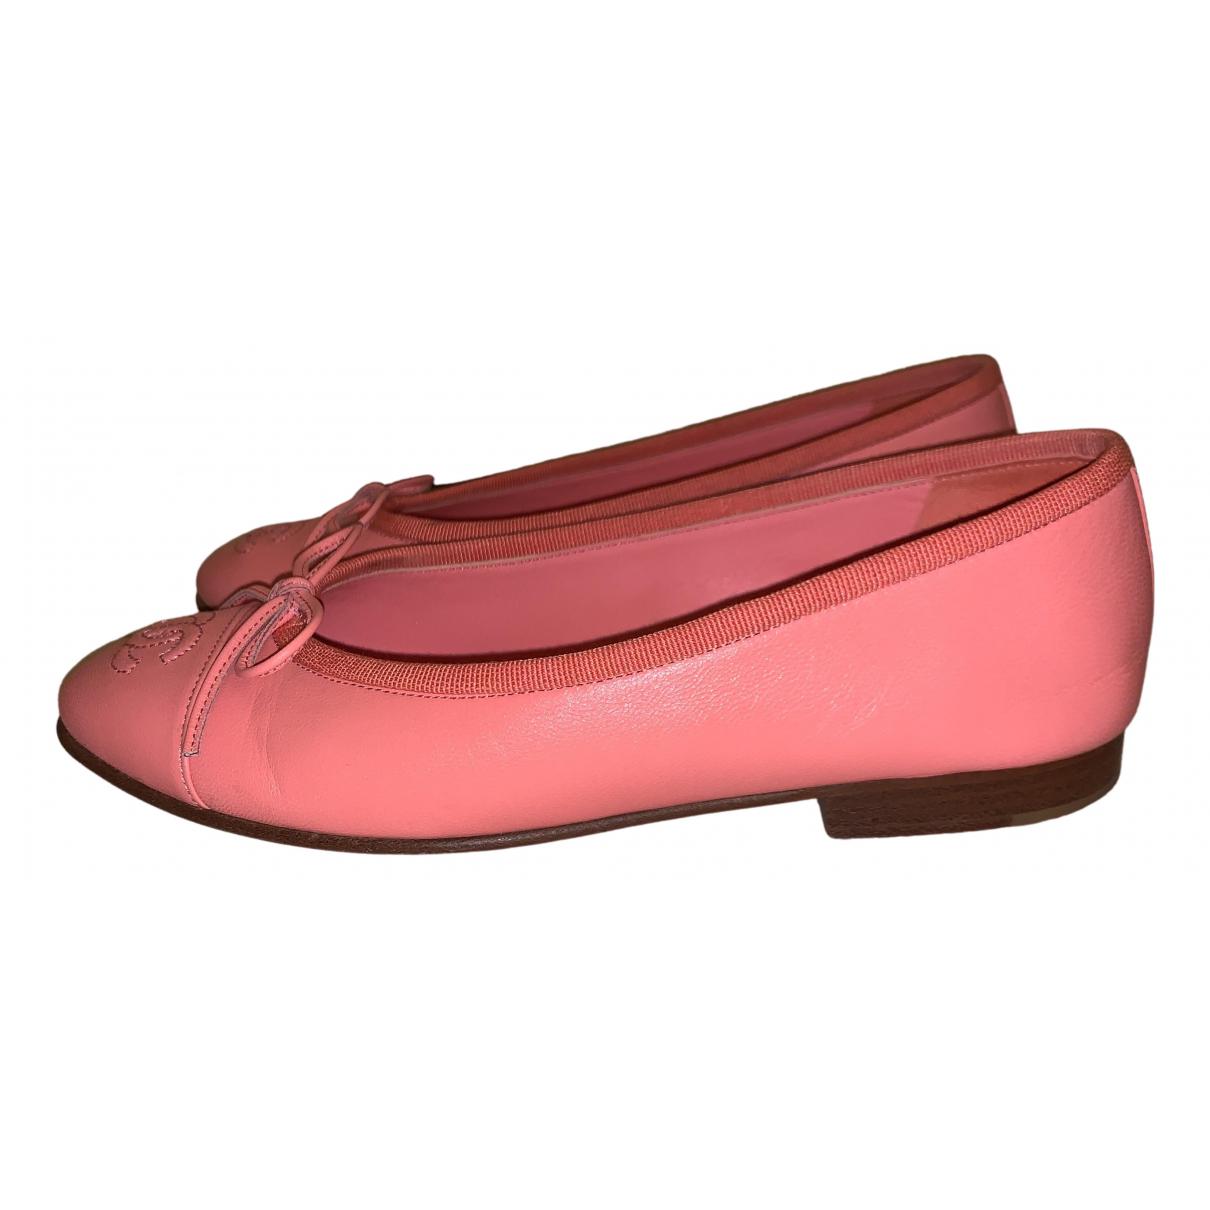 Chanel - Ballerines   pour femme en cuir - rose